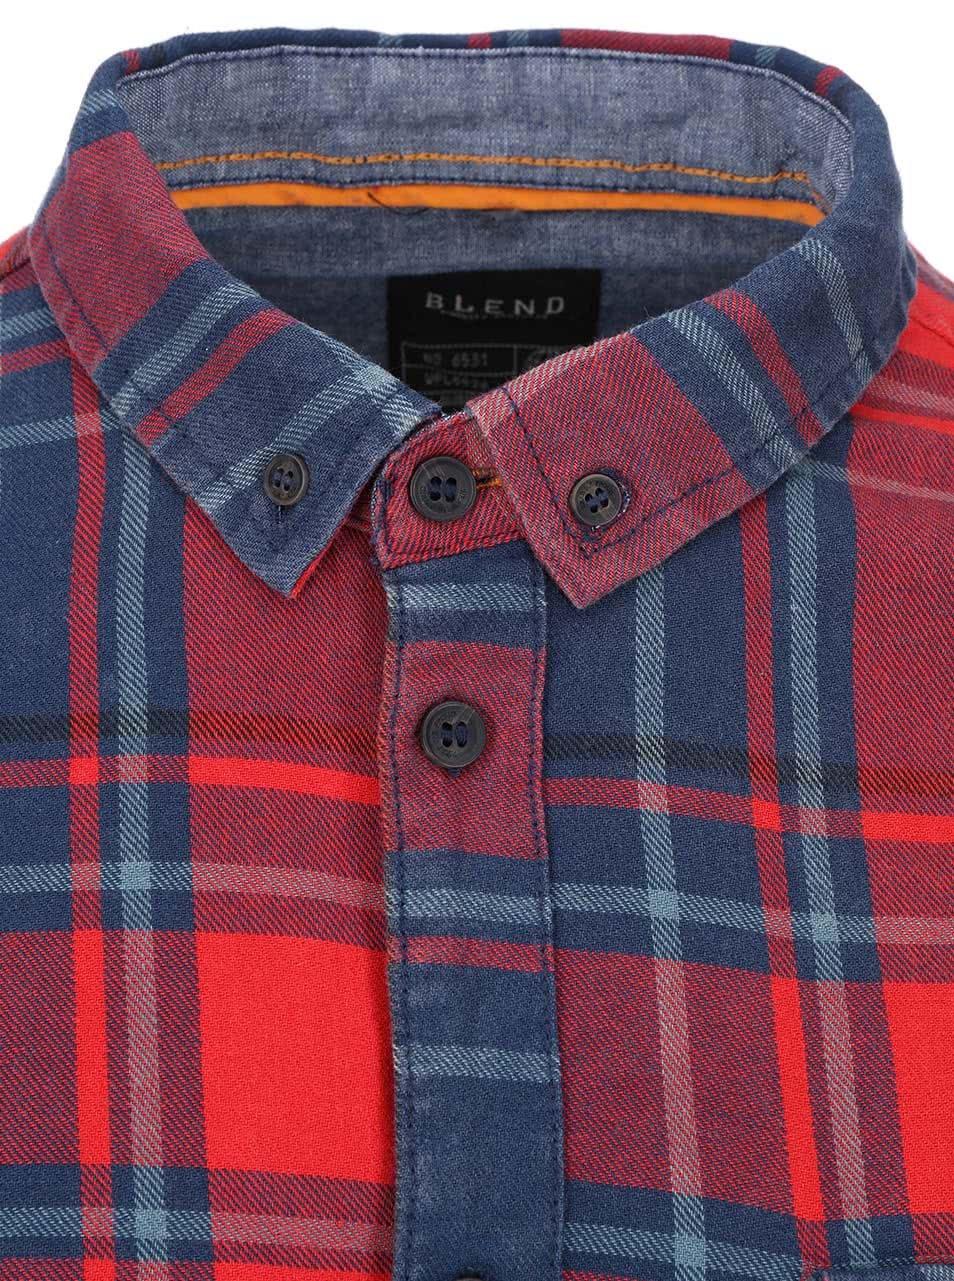 7efd22887e32 Modro-červená kockovaná košeľa Blend ...